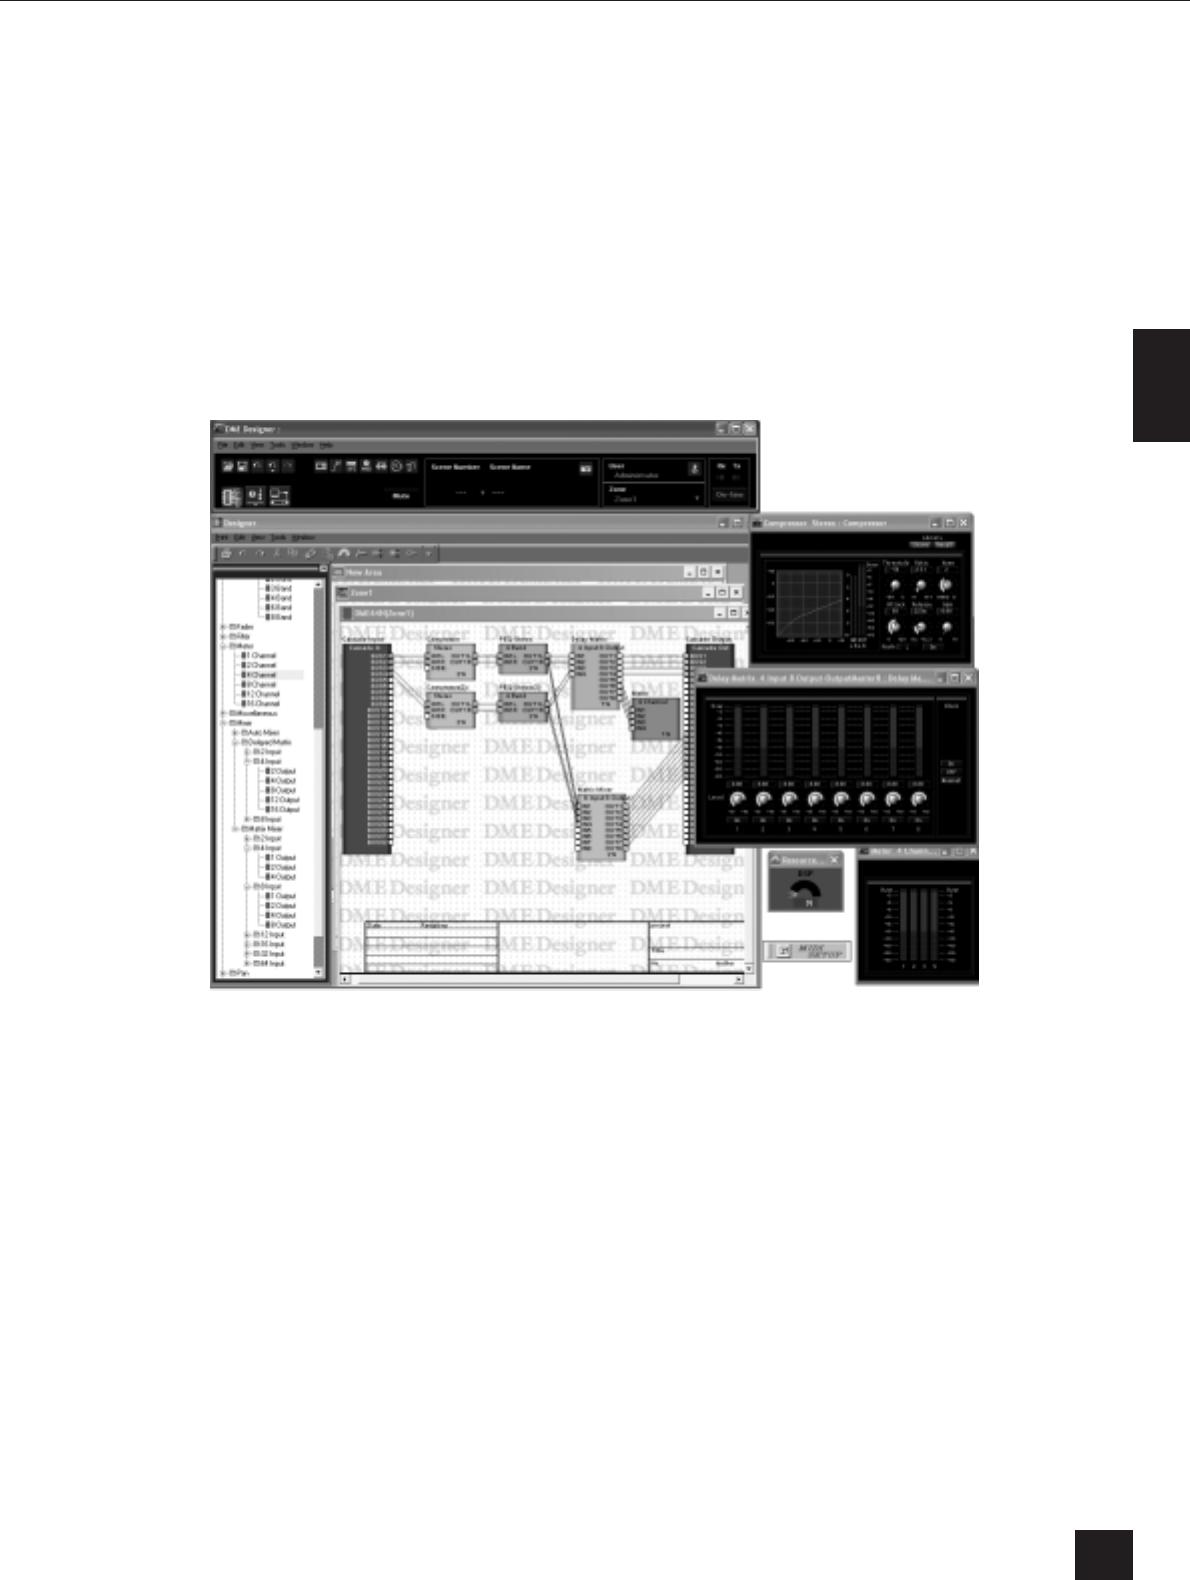 Yamaha DME64_OME DME64N/24N V1 Owner's Manual Dme64nv1 Fr Om